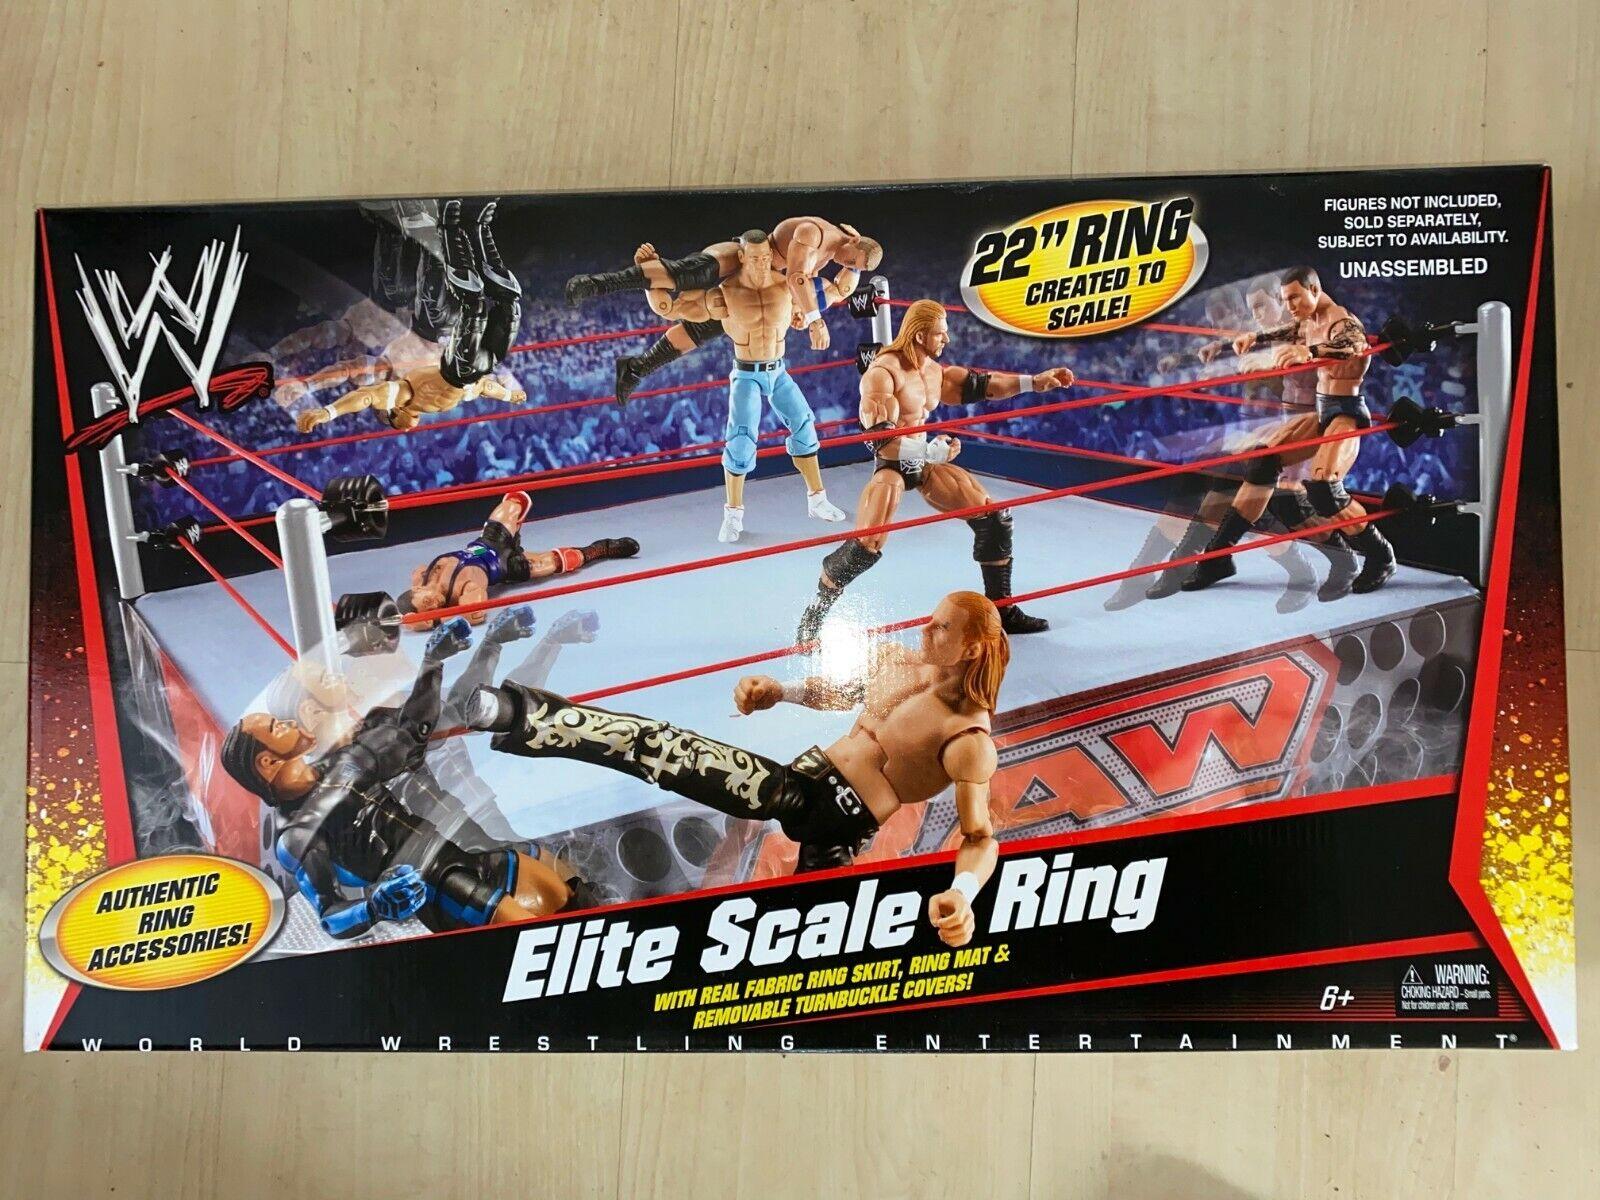 WWE Mattel Original Elite Scale ringa Playstat, Flashback, Authentic, WWF